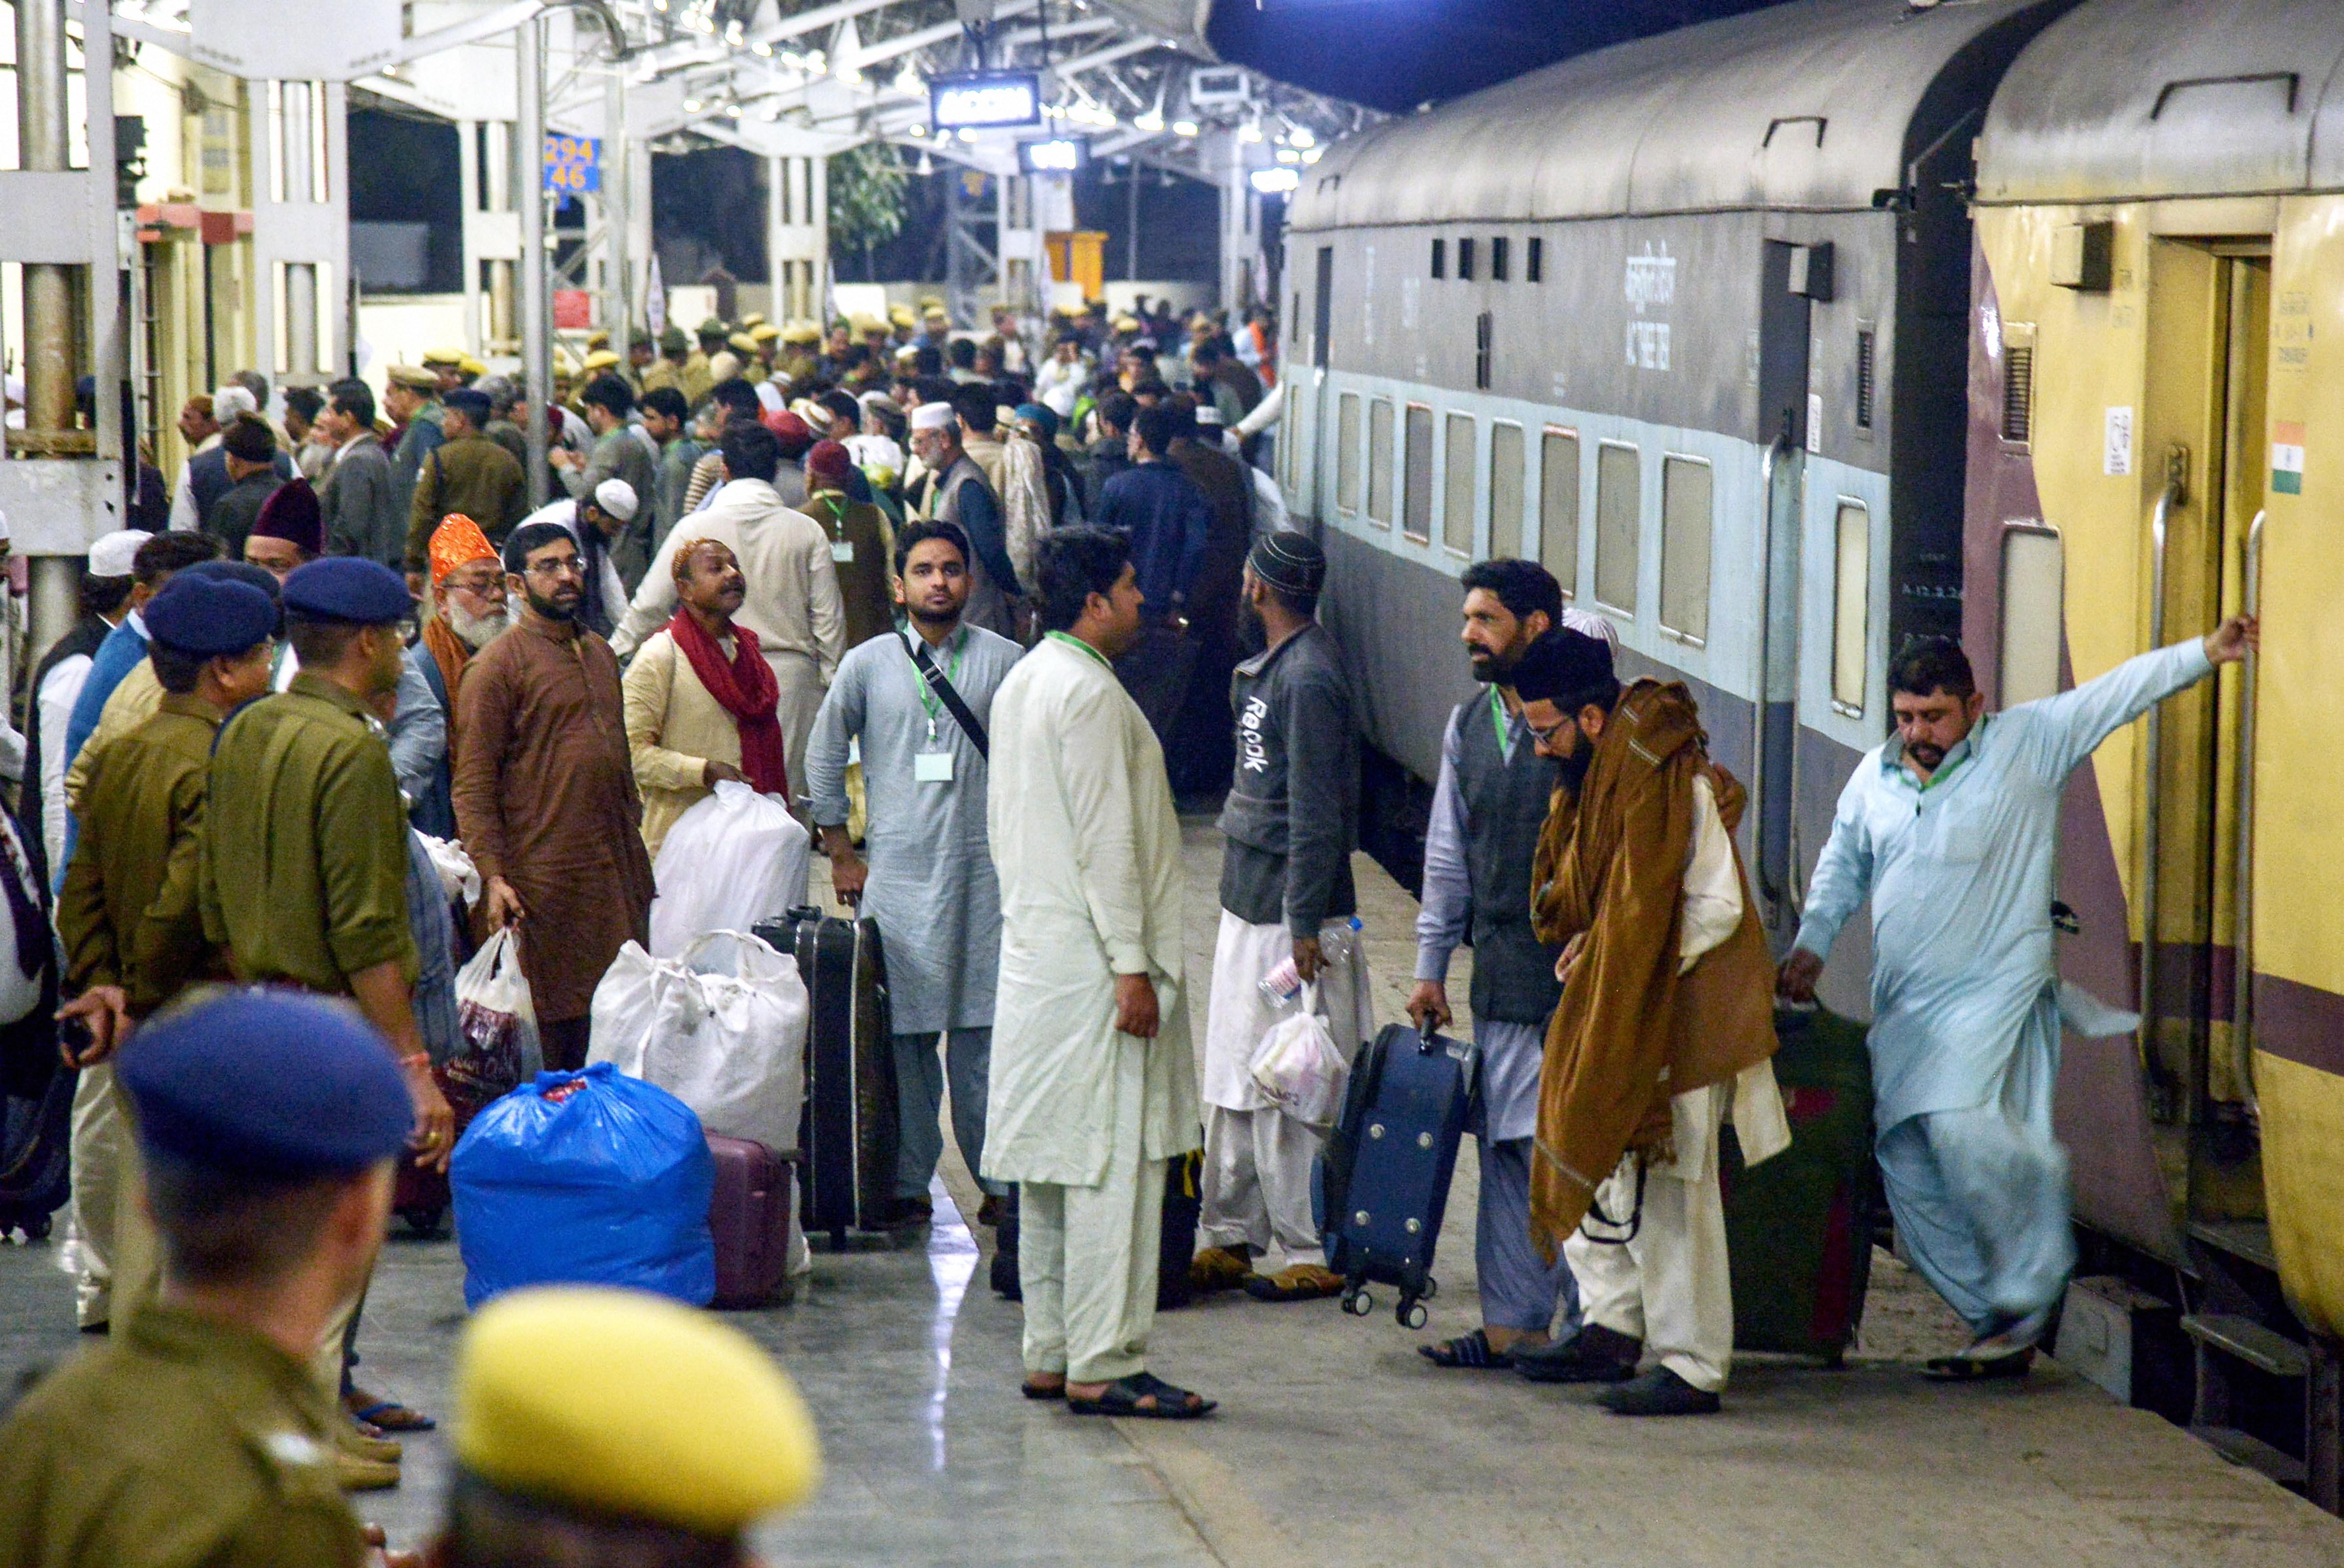 Pakistani pilgrims arrive to take part in celebration of the 808th Urs festival of Khwaja Moinuddin Chishti, in Ajmer